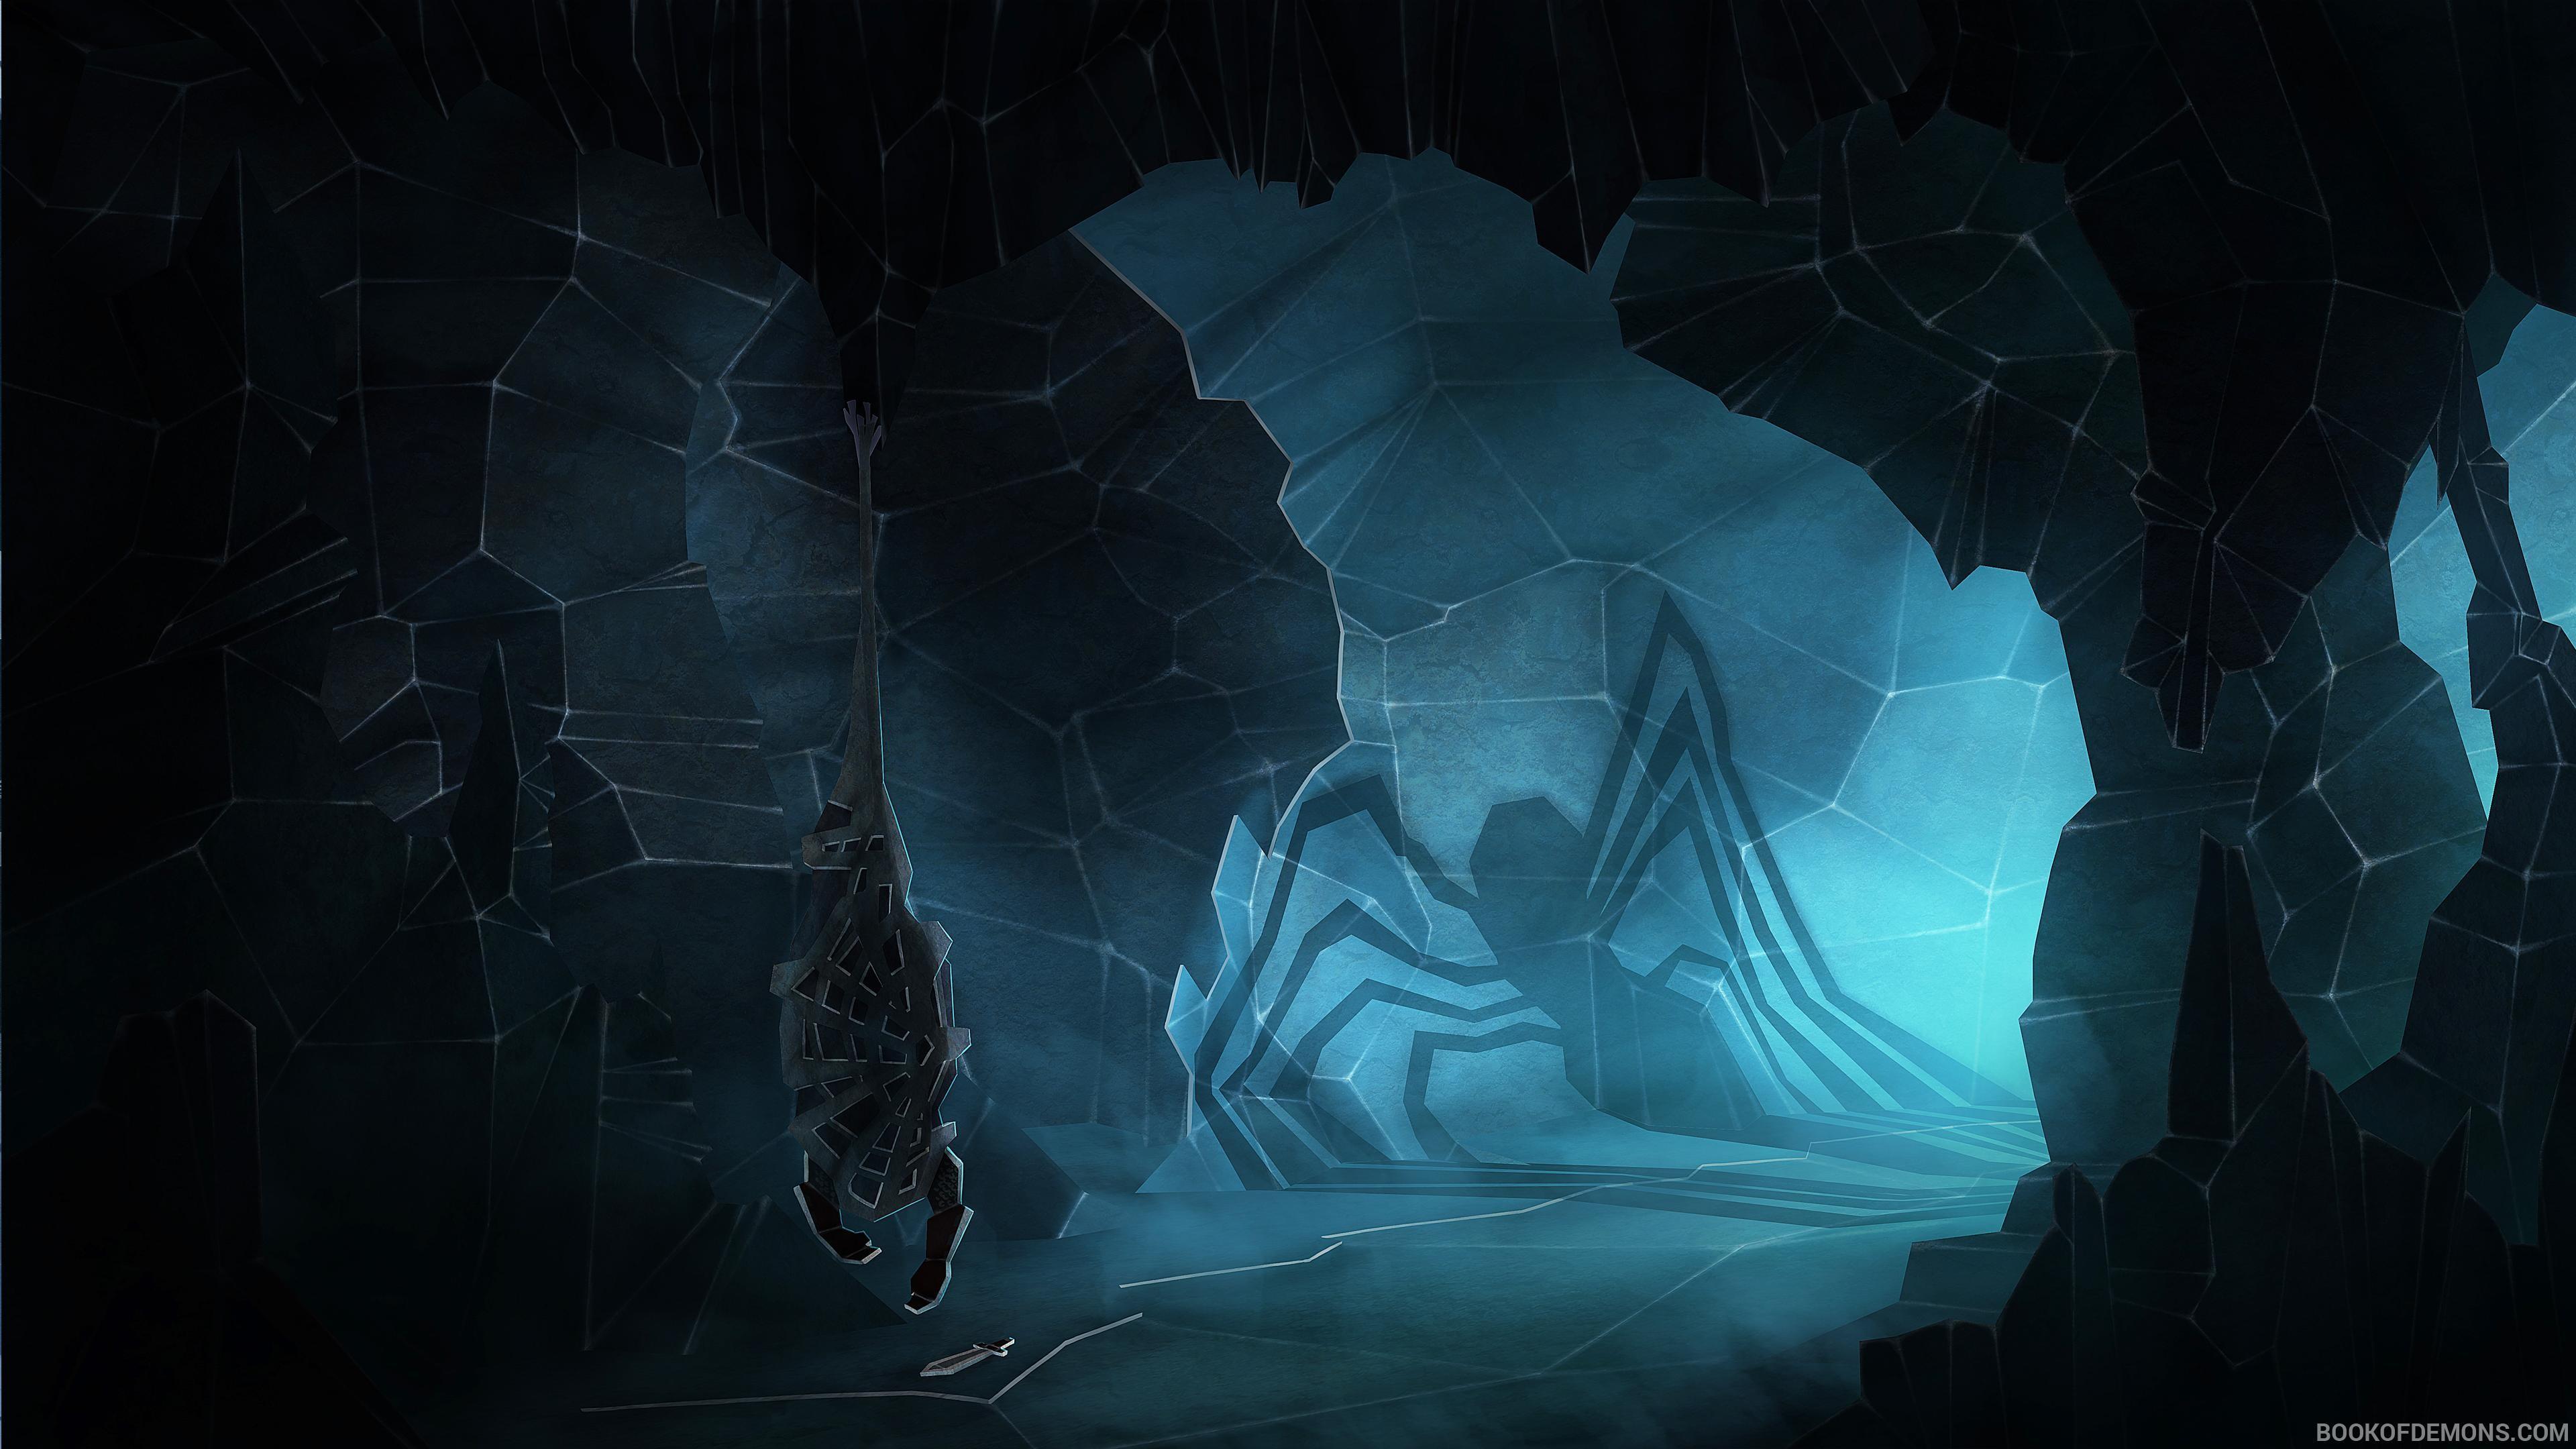 Spider Web Art 4K Wallpaper